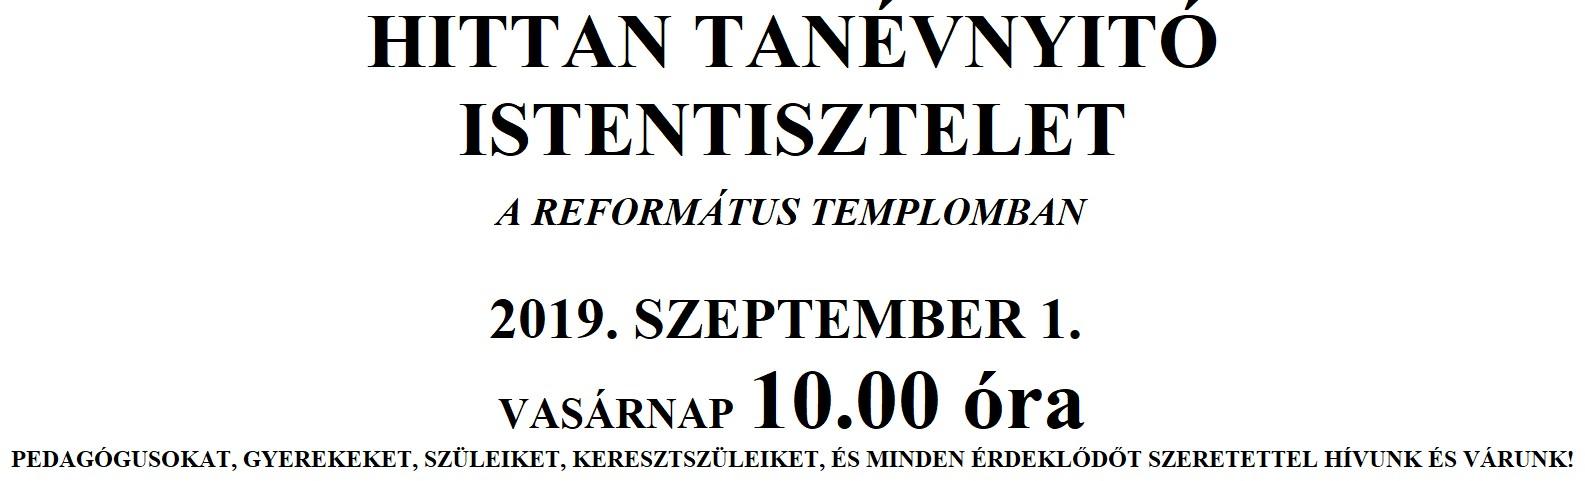 HITTAN TANÉVNYITÓ ISTENTISZTELET - 2019.